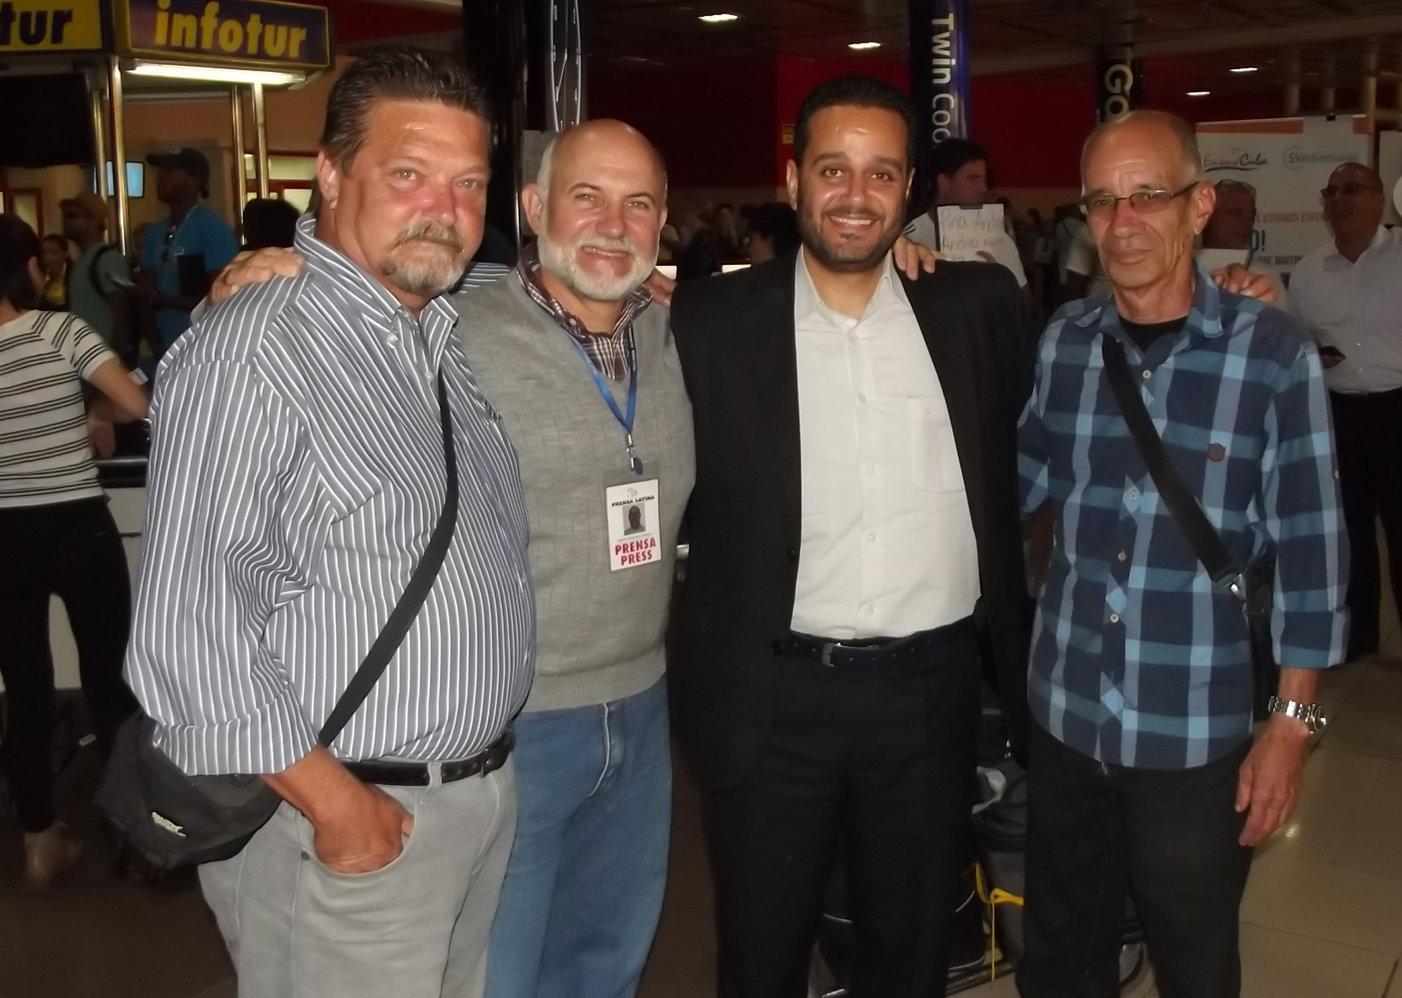 Fady Marouf, a su arribo a La Habana, junto a excorresponsales de Prensa Latina en Siria (de izquierda a derecha Miguel Fernández, Martin Hatchoun y Pedro García Hernández)